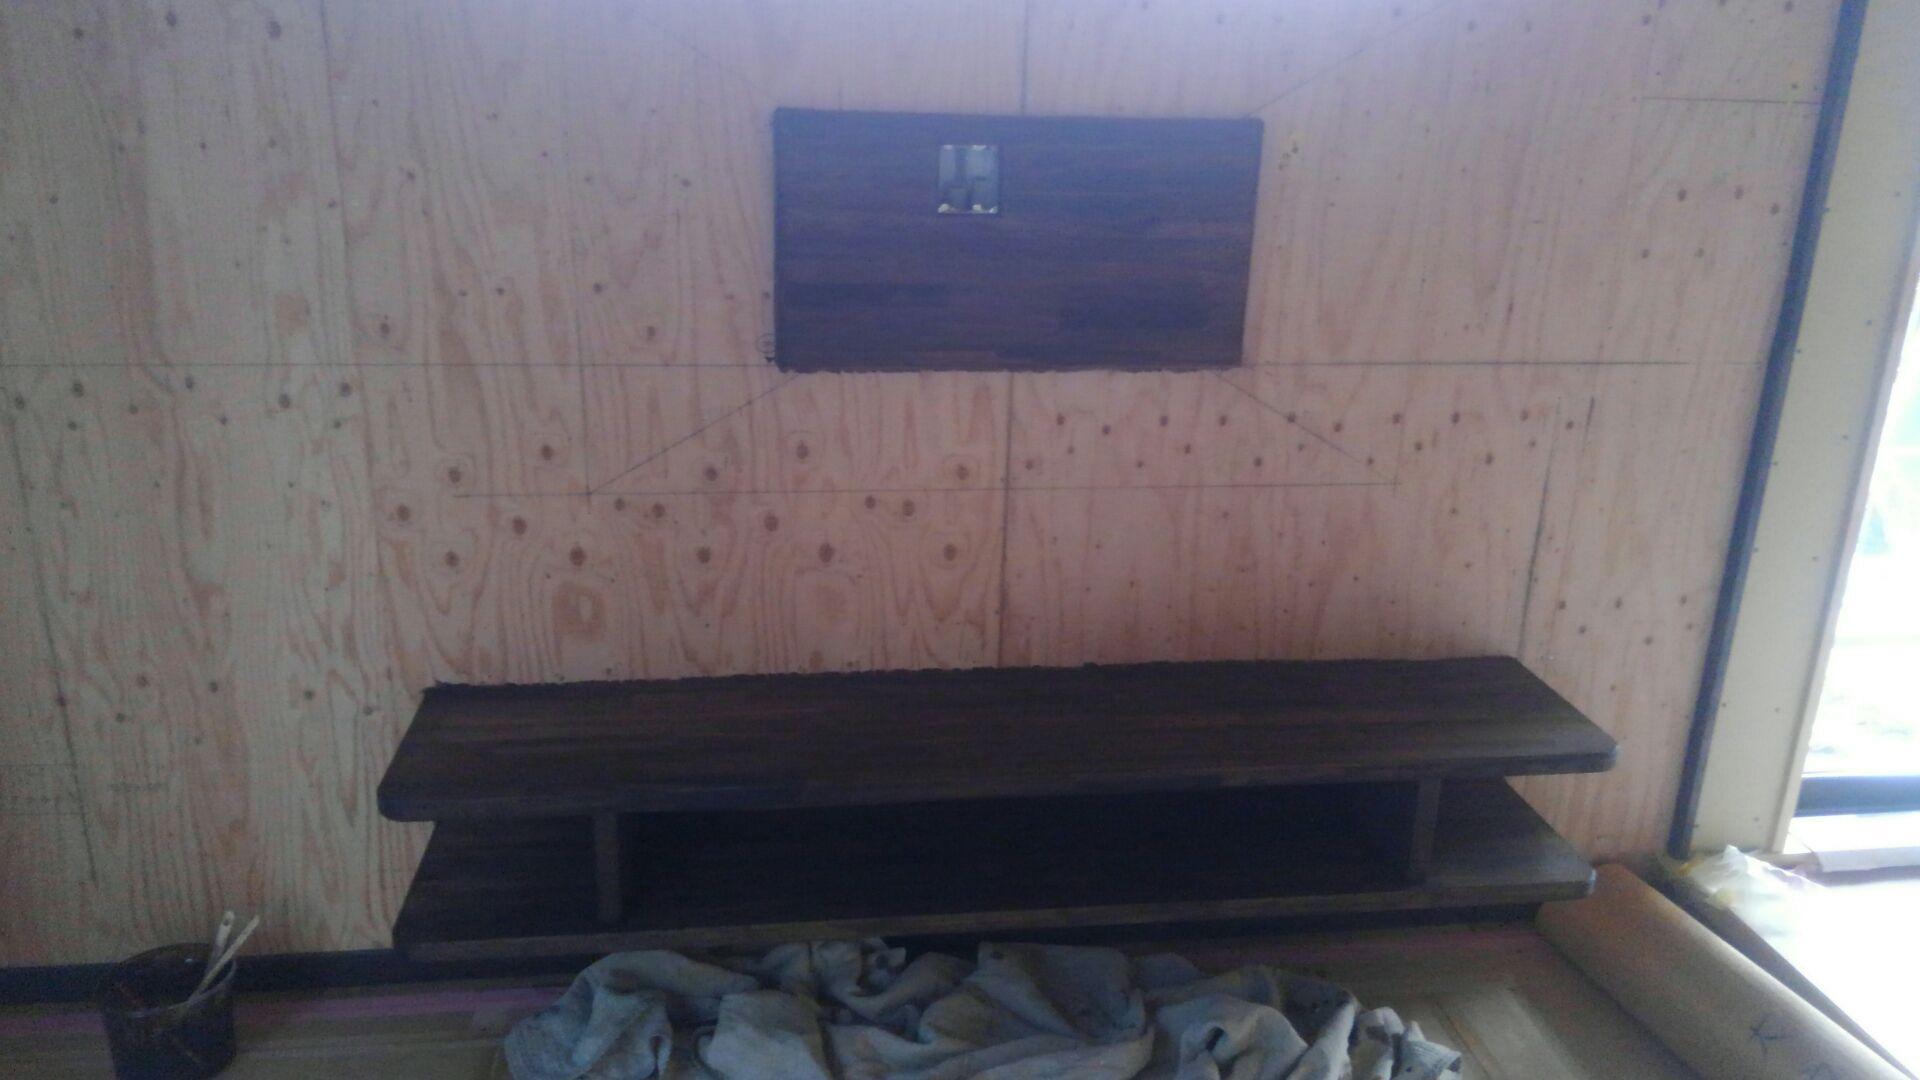 大工さんが造作したテレビ台。